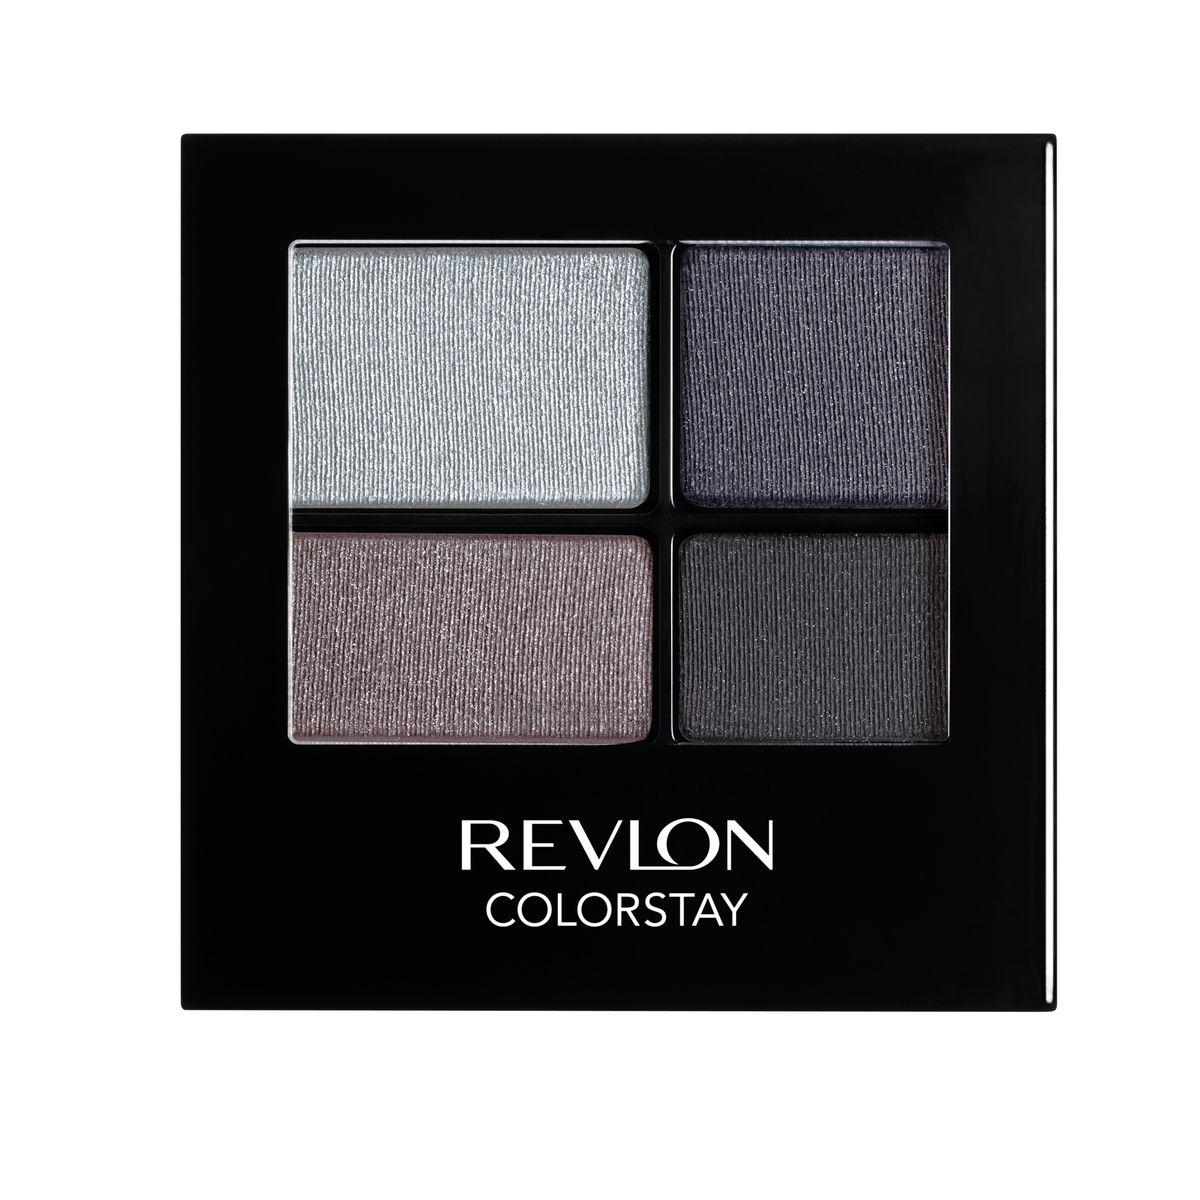 Revlon Тени для Век Четырехцветные Colorstay Eye16 Hour Eye Shadow Quad Siren 525 4,8 г7210767006Colorstay 16 Hour Sahdow - роскошные тени для век с шелковистой текстурой и невероятно стойкой формулой. Теперь ваш макияж сохранит свой безупречный вид не менее 16 часов! Все оттенки гармонично сочетаются друг с другом и легко смешиваются, позволяя создать бесконечное количество вариантов макияжа глаз: от нежных, естественных, едва заметных, до ярких, выразительных, драматических. На оборотной стороне продукта приведена схема нанесения.Аккуратно нанести на веки специальной кисточкой.